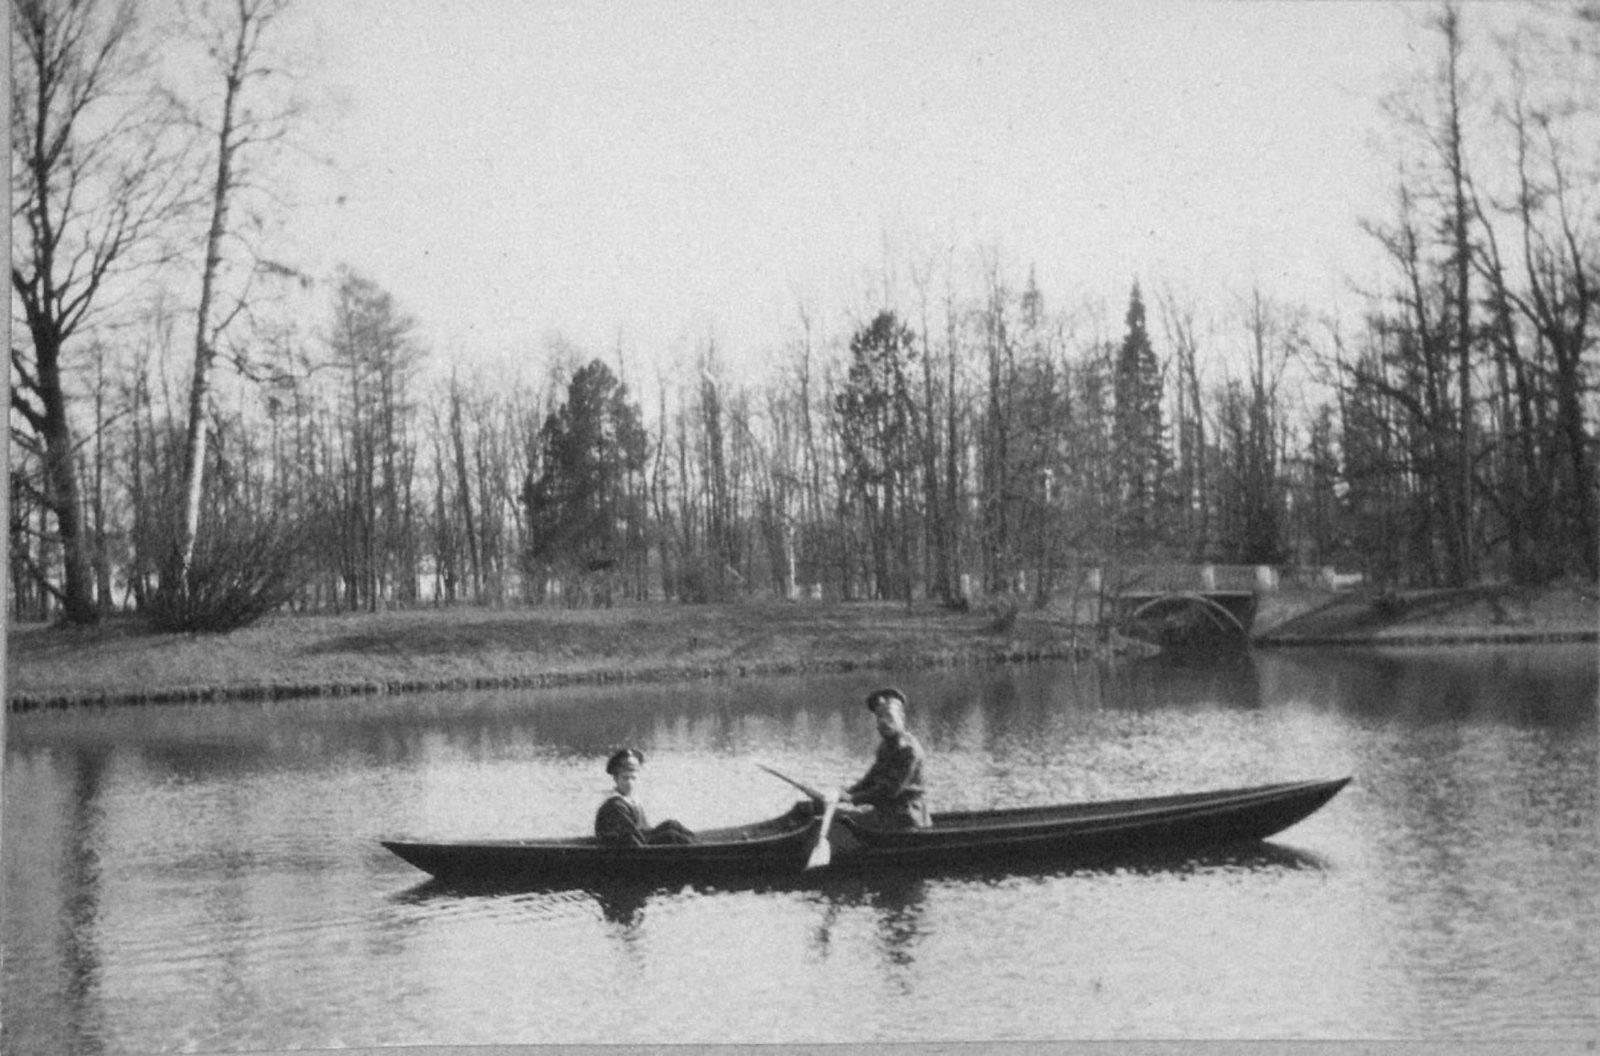 1914. Николай II и Алексей катаются на лодке. Царское село